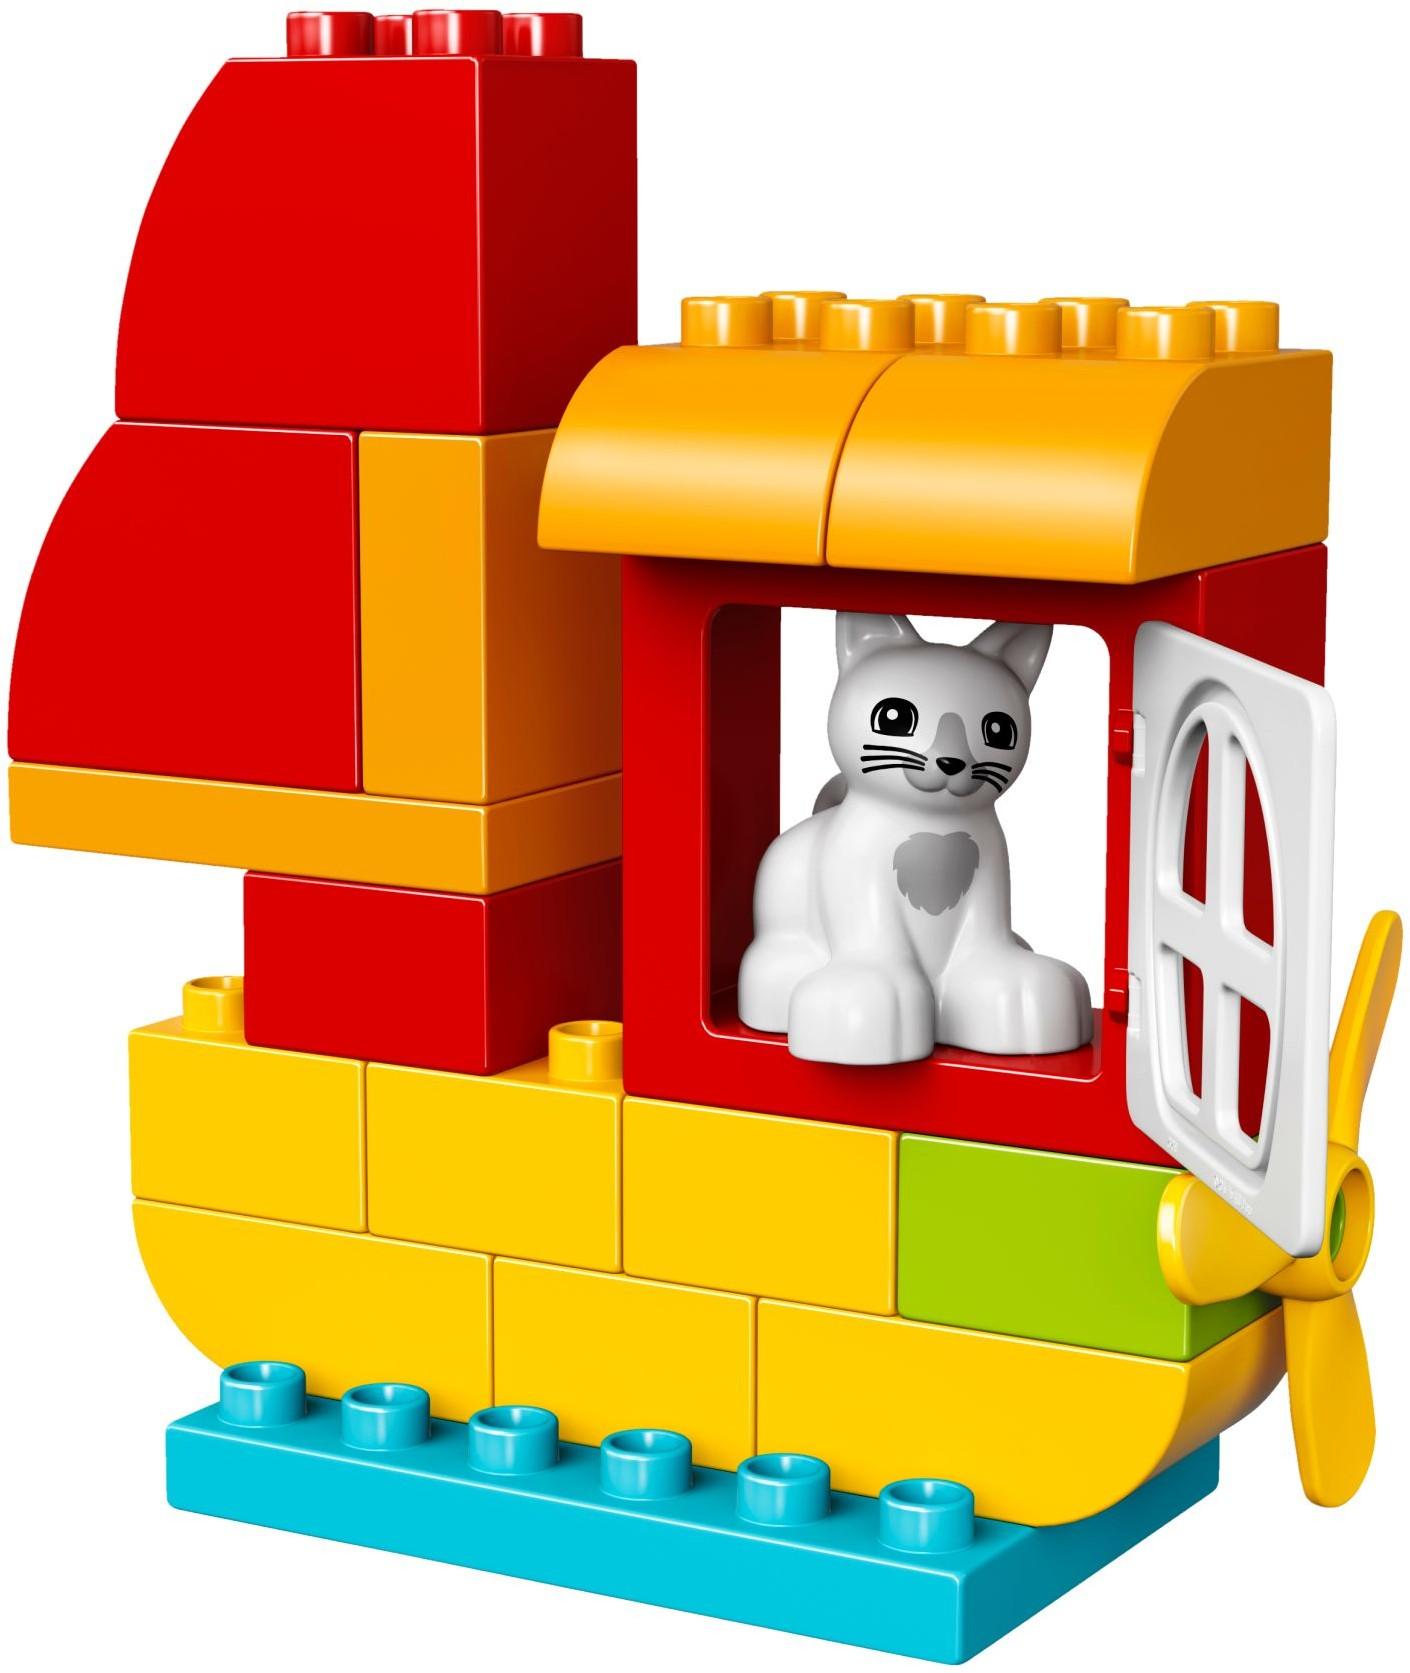 LEGO LEGO DUPLO Creative Box Instructions 10854, Duplo.